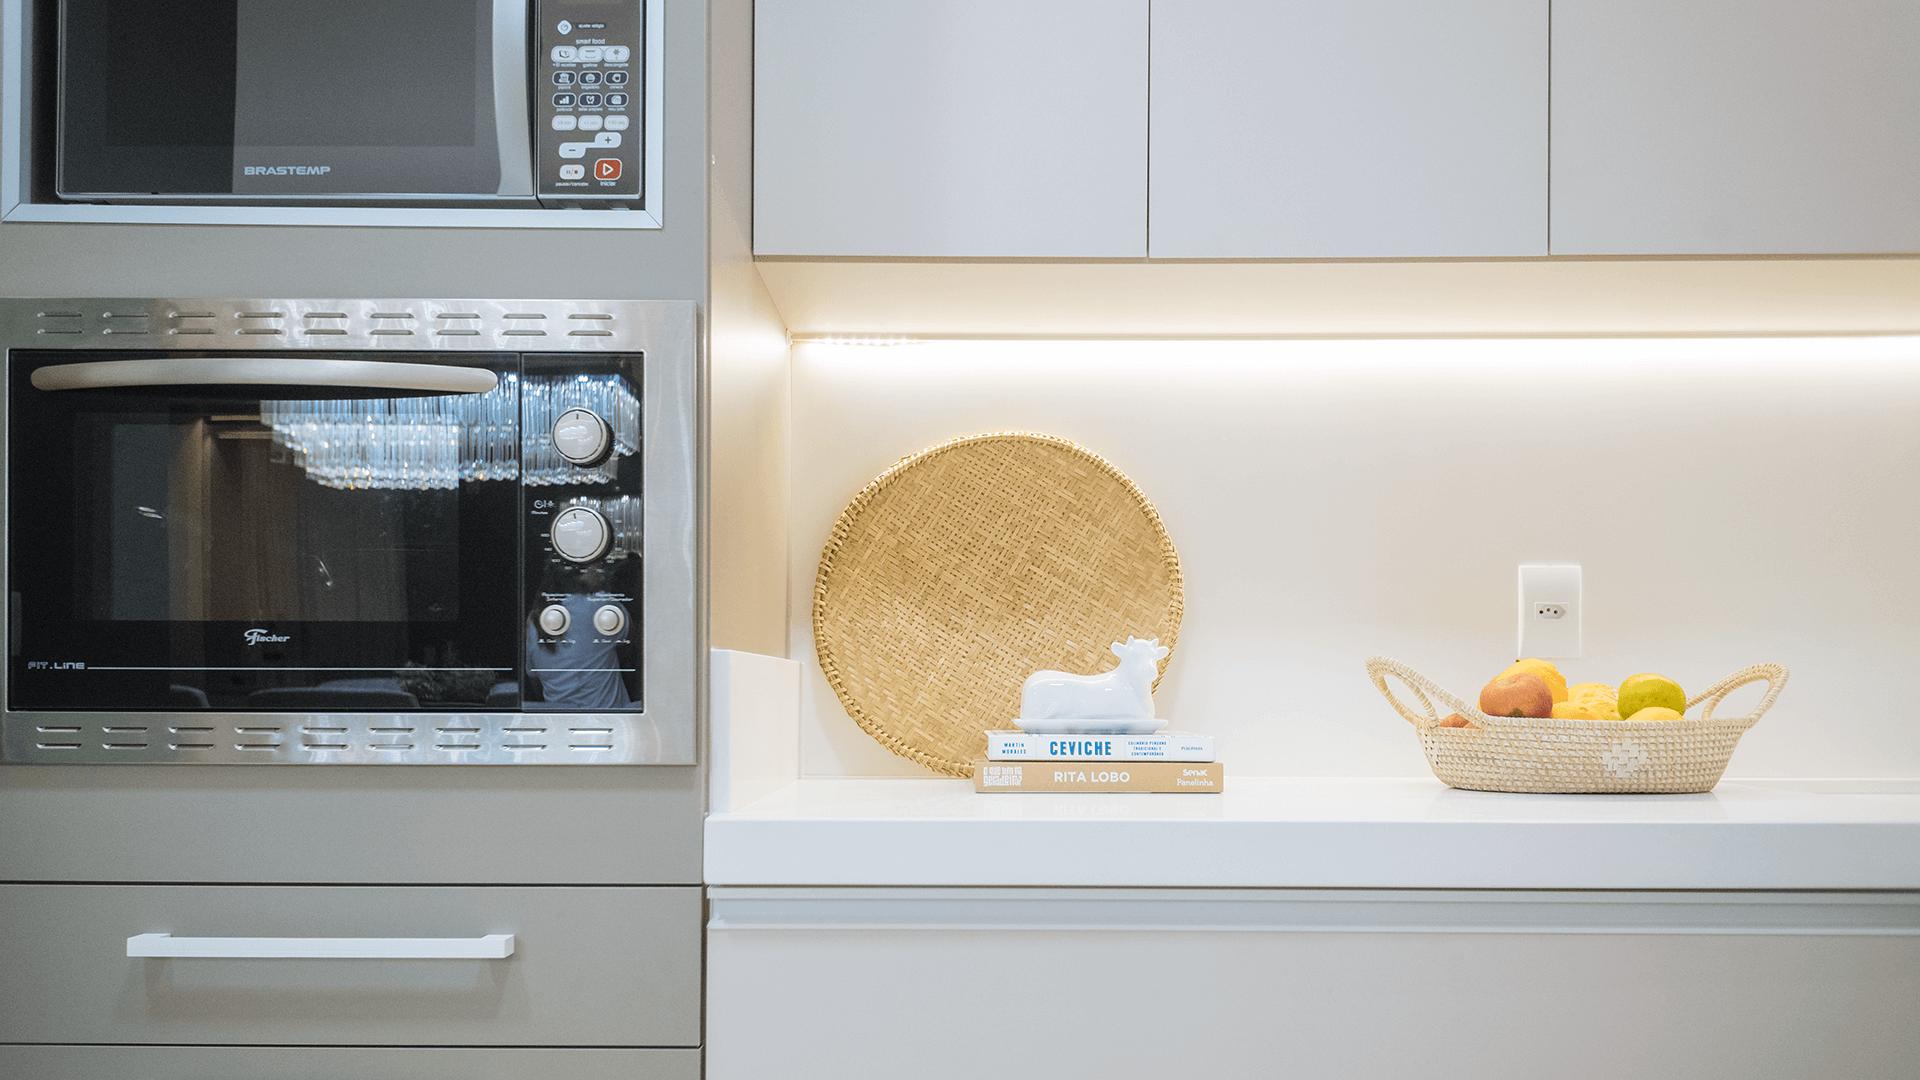 Até mesmo a cozinha pode ficar mais aconchegante. Aqui foram usados elementos de corda e palha natural para trazer mais afetividade para o espaço, que era todo branco. Projeto: Arquiteca Projetos. Foto: Ricardo Felipe.